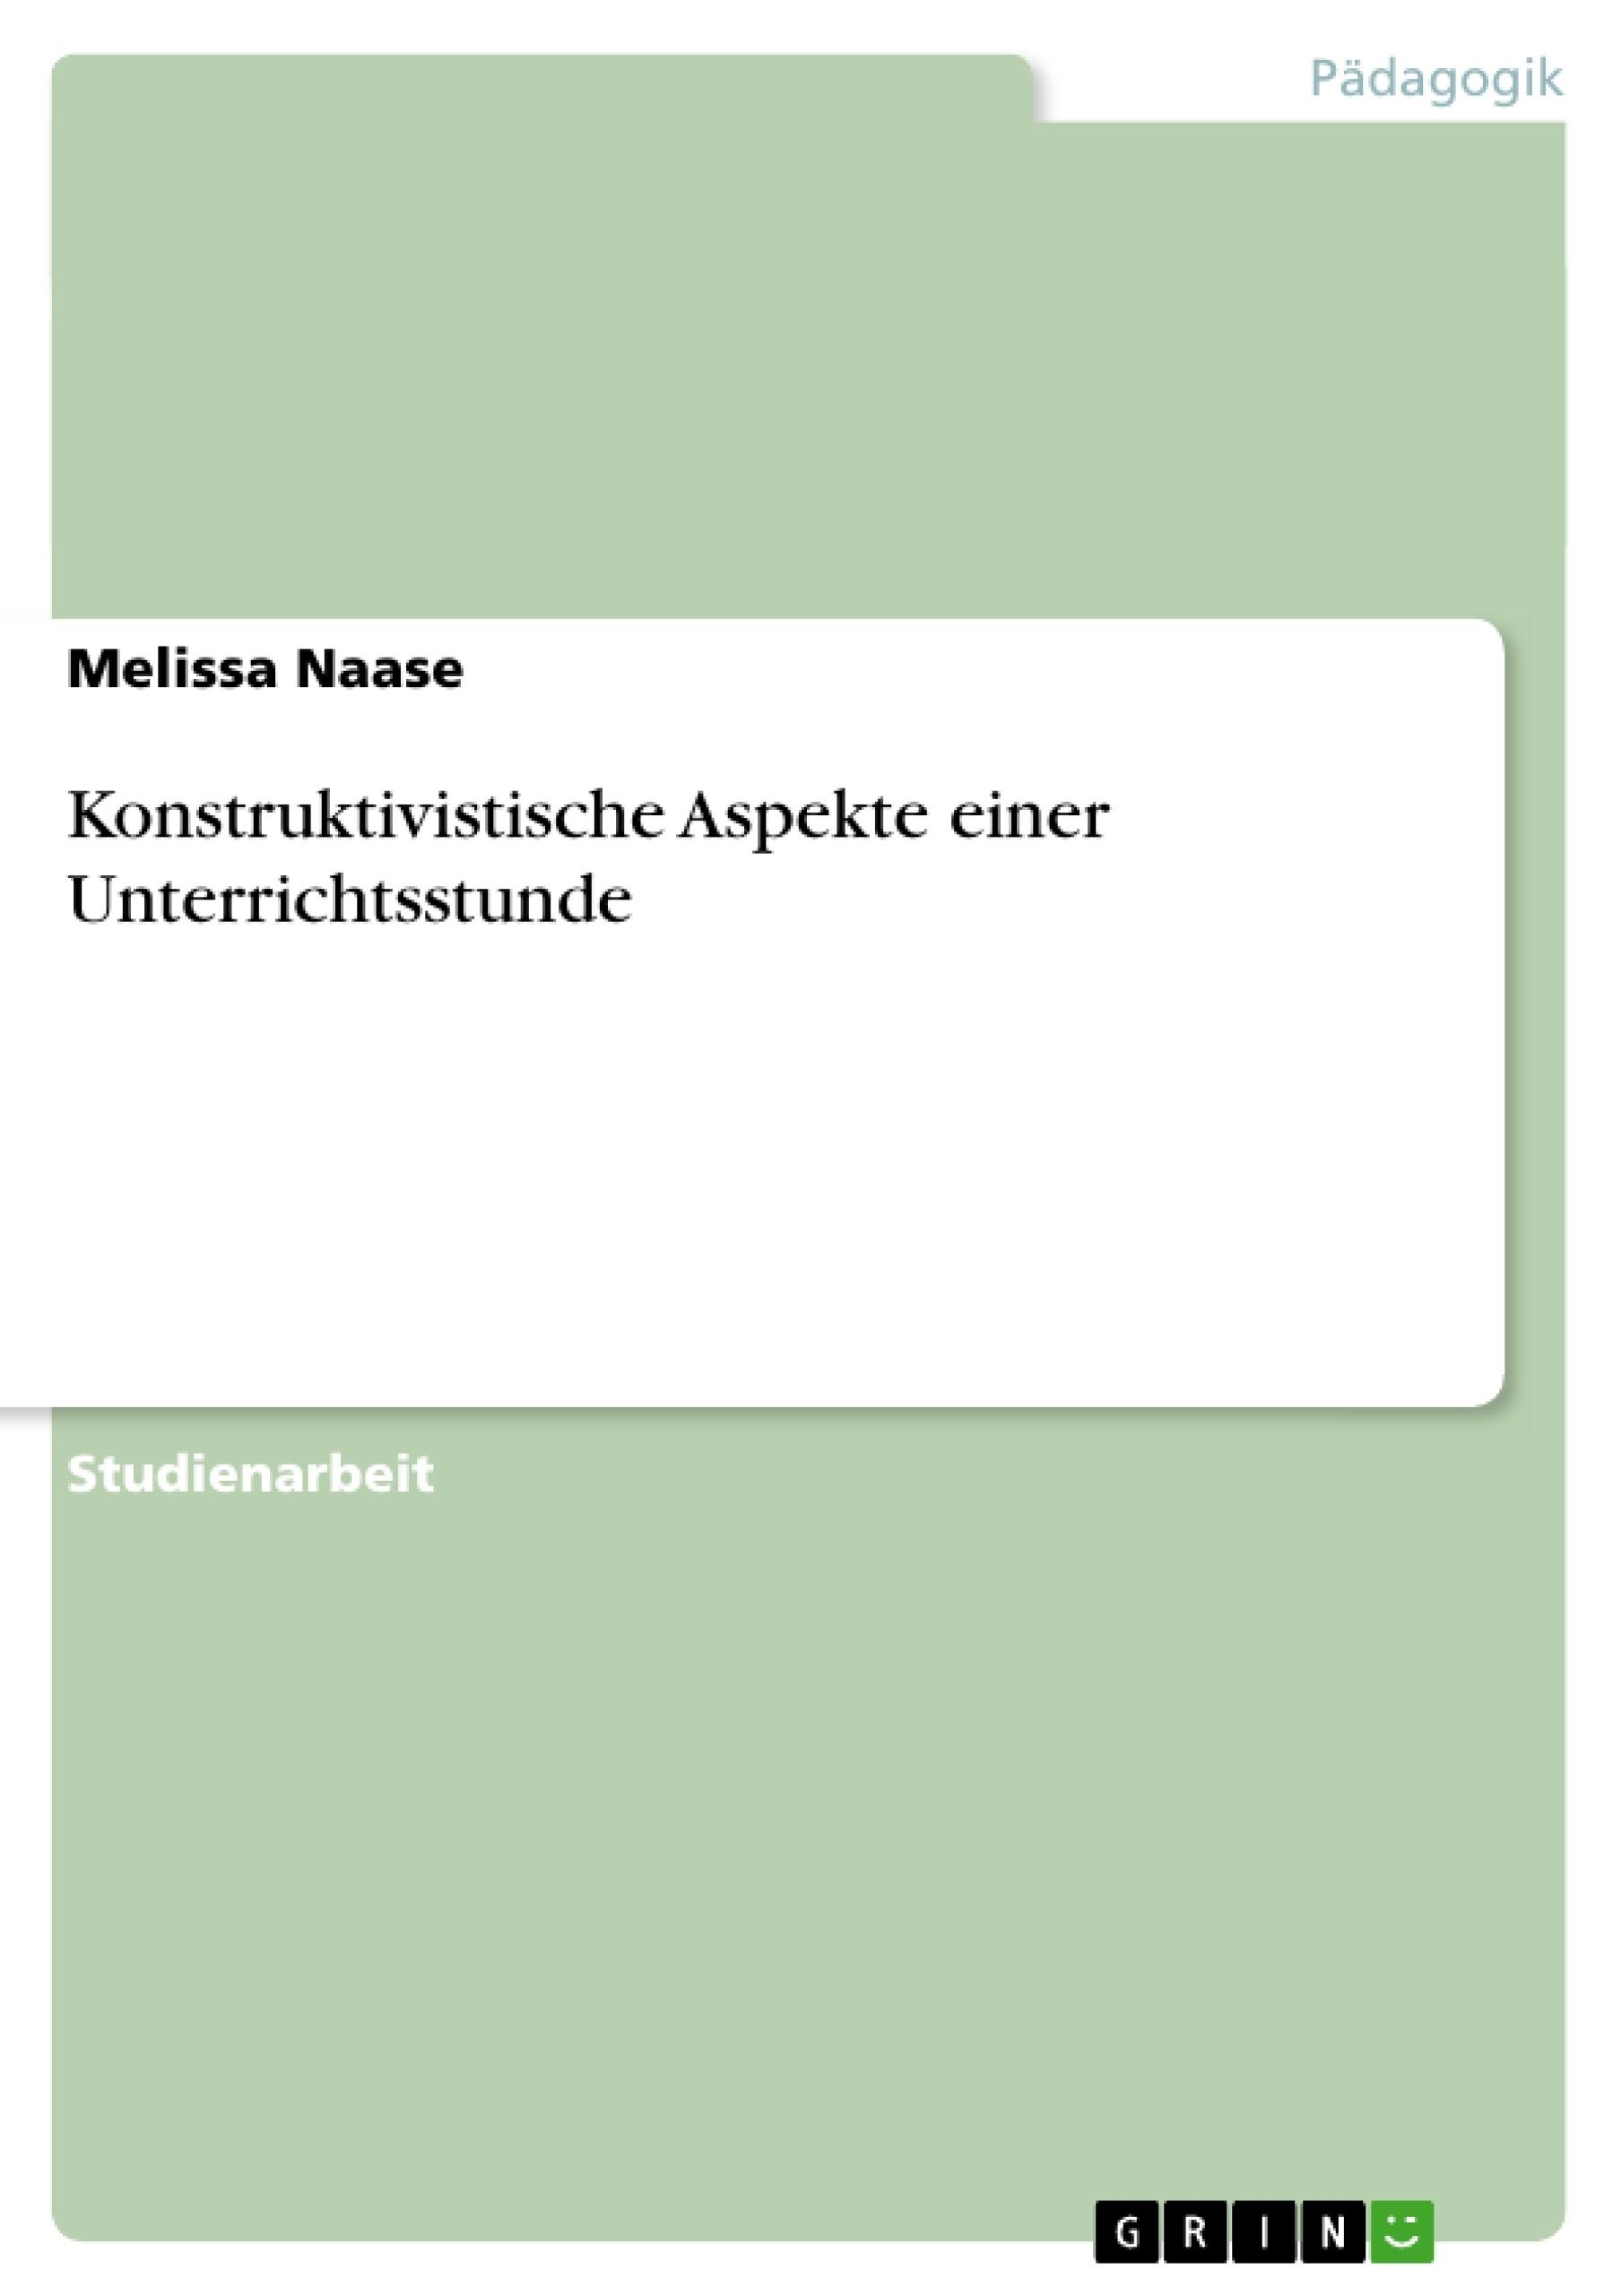 Titel: Konstruktivistische Aspekte einer Unterrichtsstunde